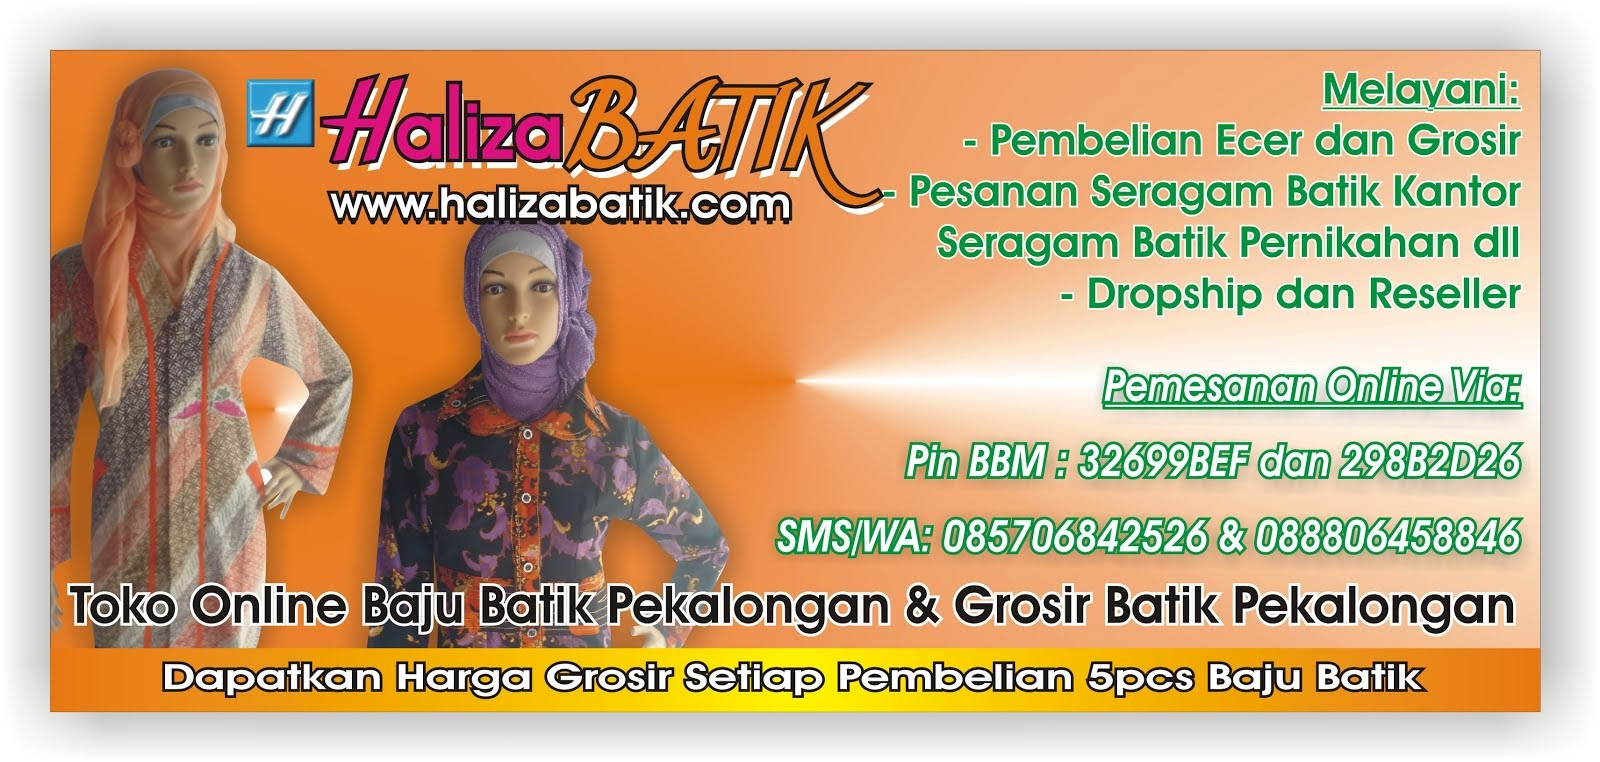 Batik Pekalongan Haliza, Seragam Batik Haliza, Grosir Batik Pekalongan